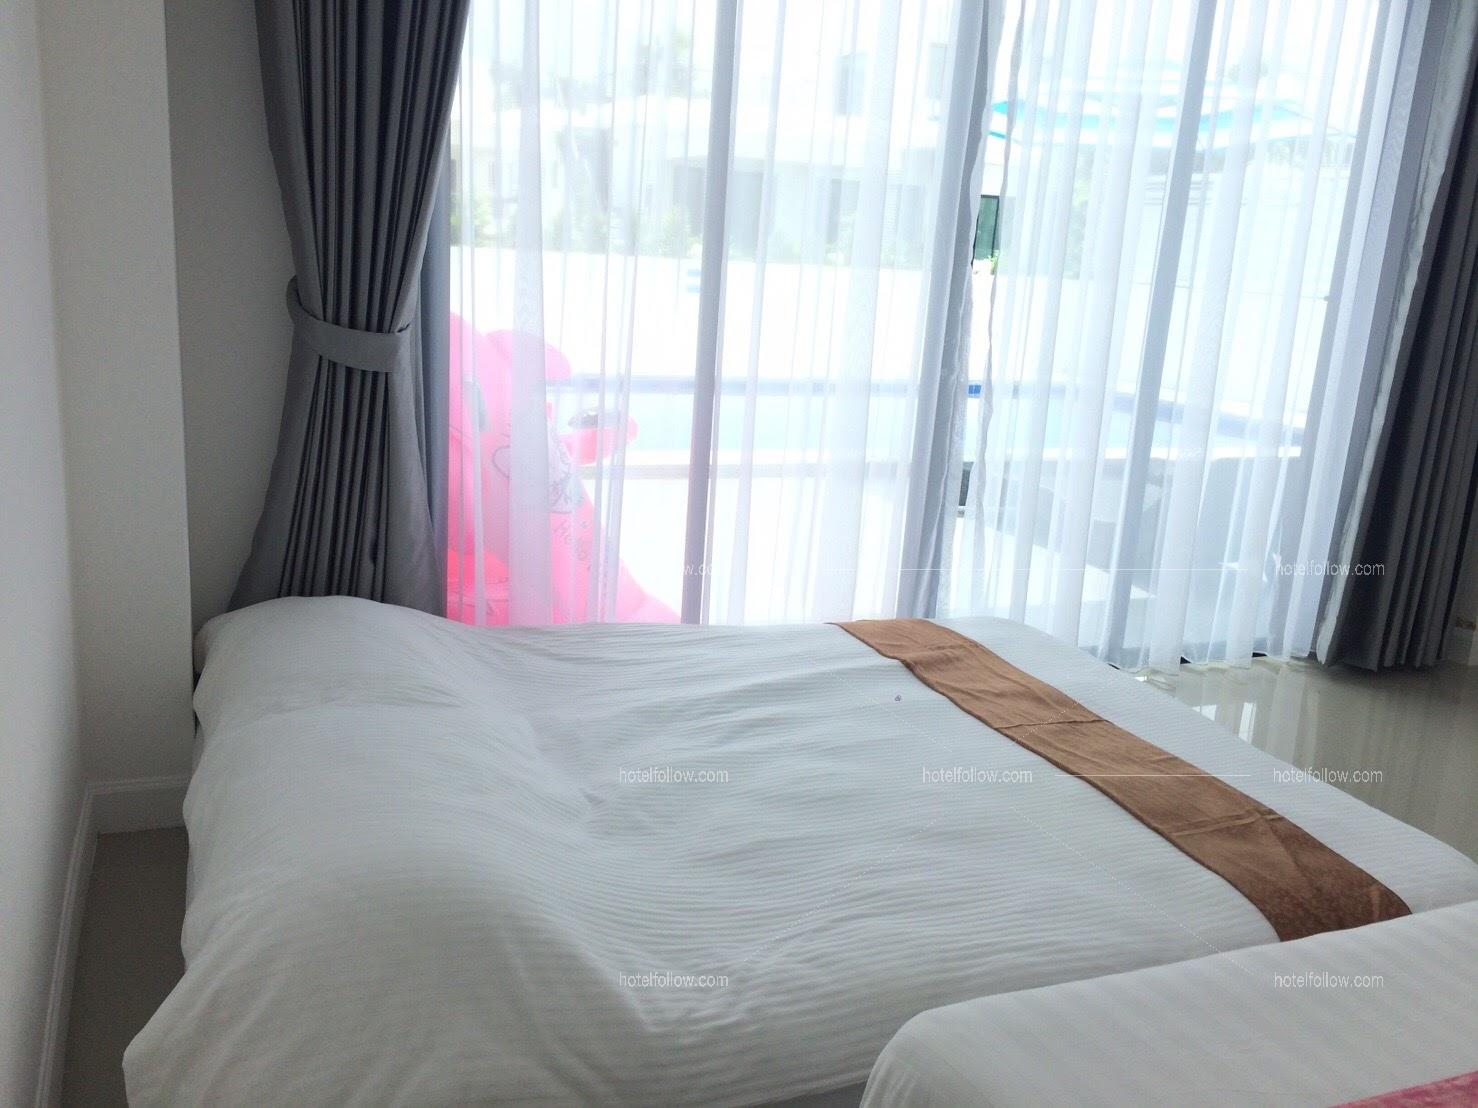 รูปของโรงแรม บ้านครามฟ้า พูลวิลล่า หัวหิน